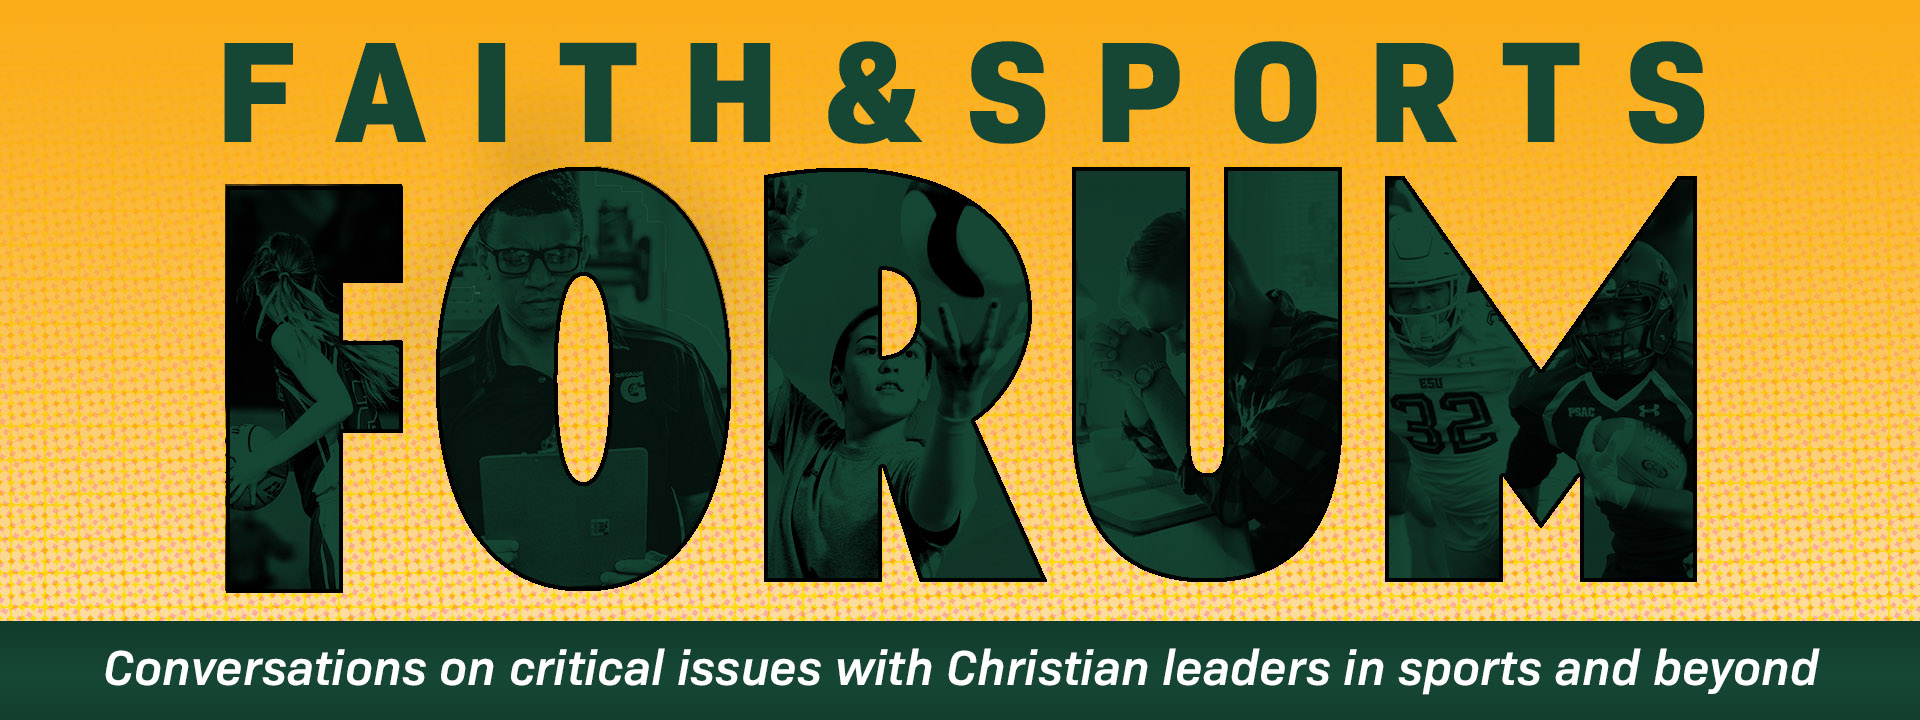 Faith & Sports Forum